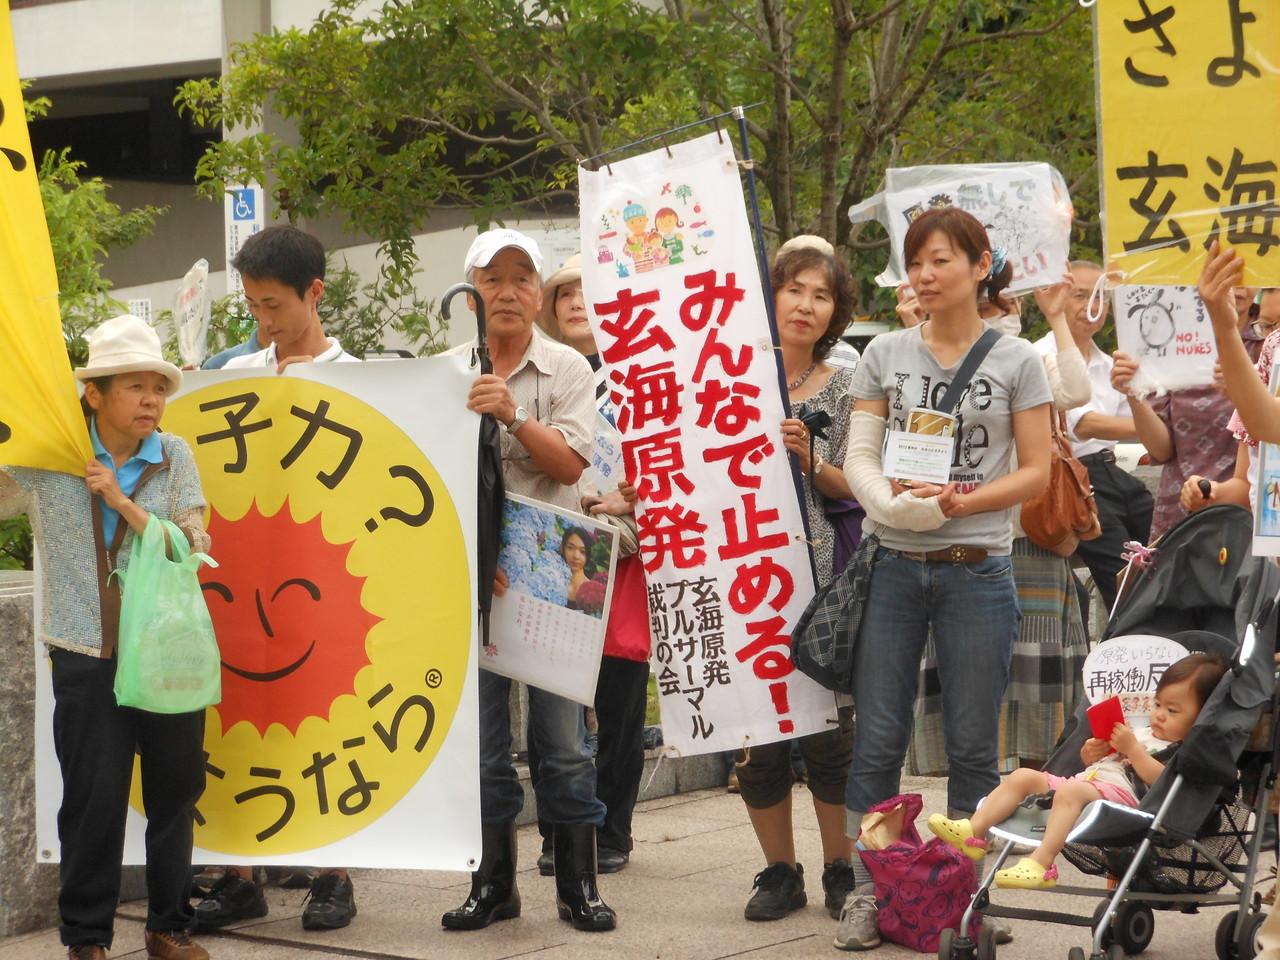 2012.7.20 佐賀県庁前金曜行動